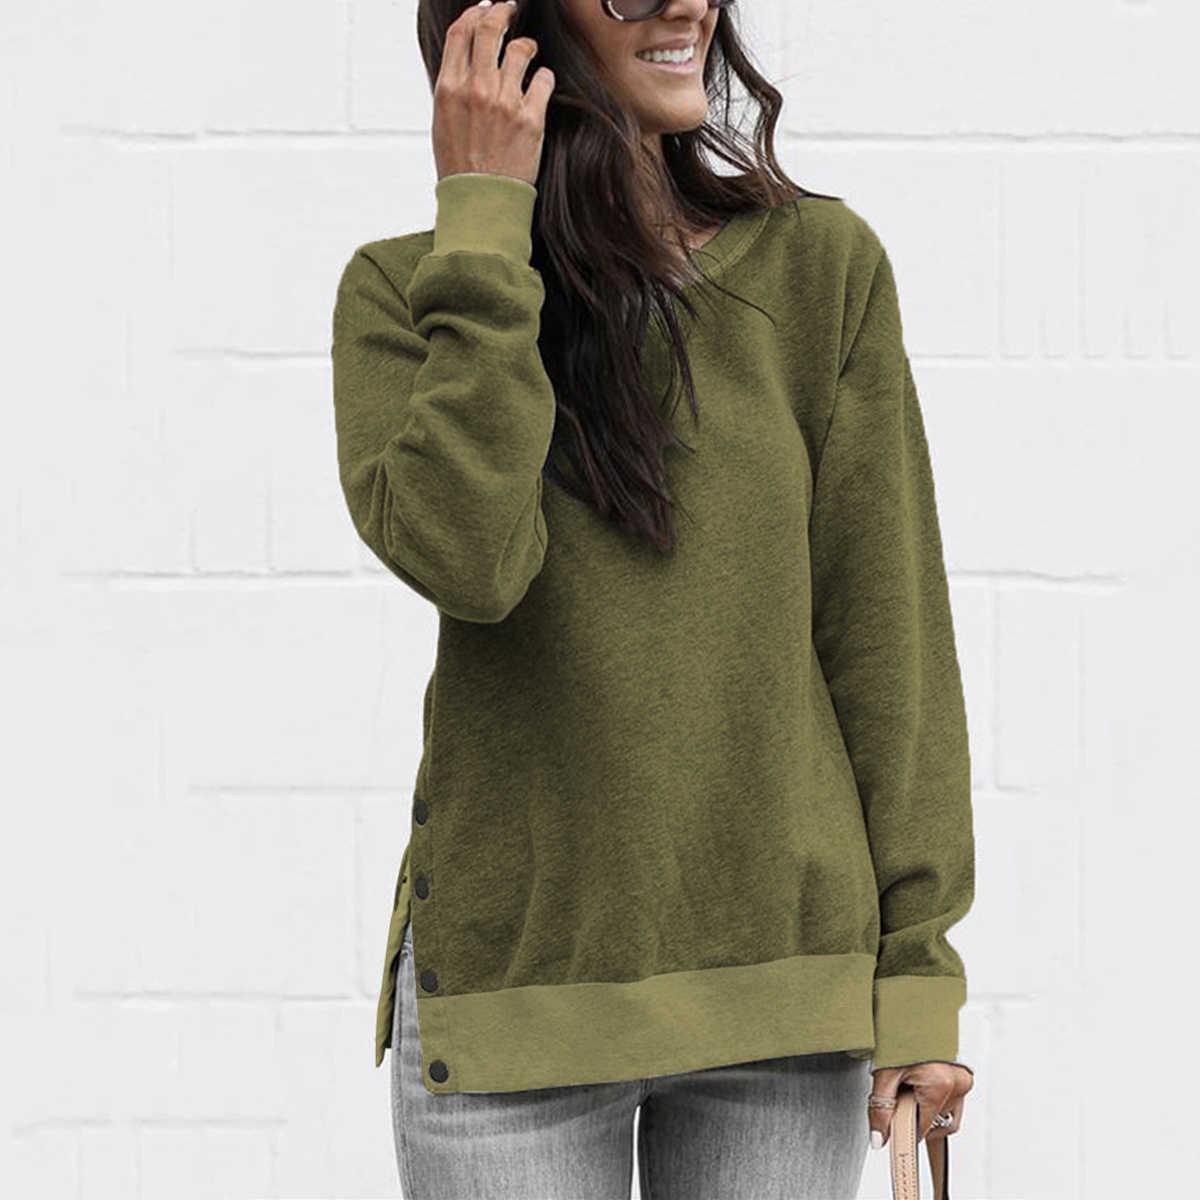 Beiläufige Dünne Mit Kapuze Herbst Winter Frauen Top O Neck Langarm Seite Split Tasten Lose Sweatshirt Damen Pullover Grau Hoodies